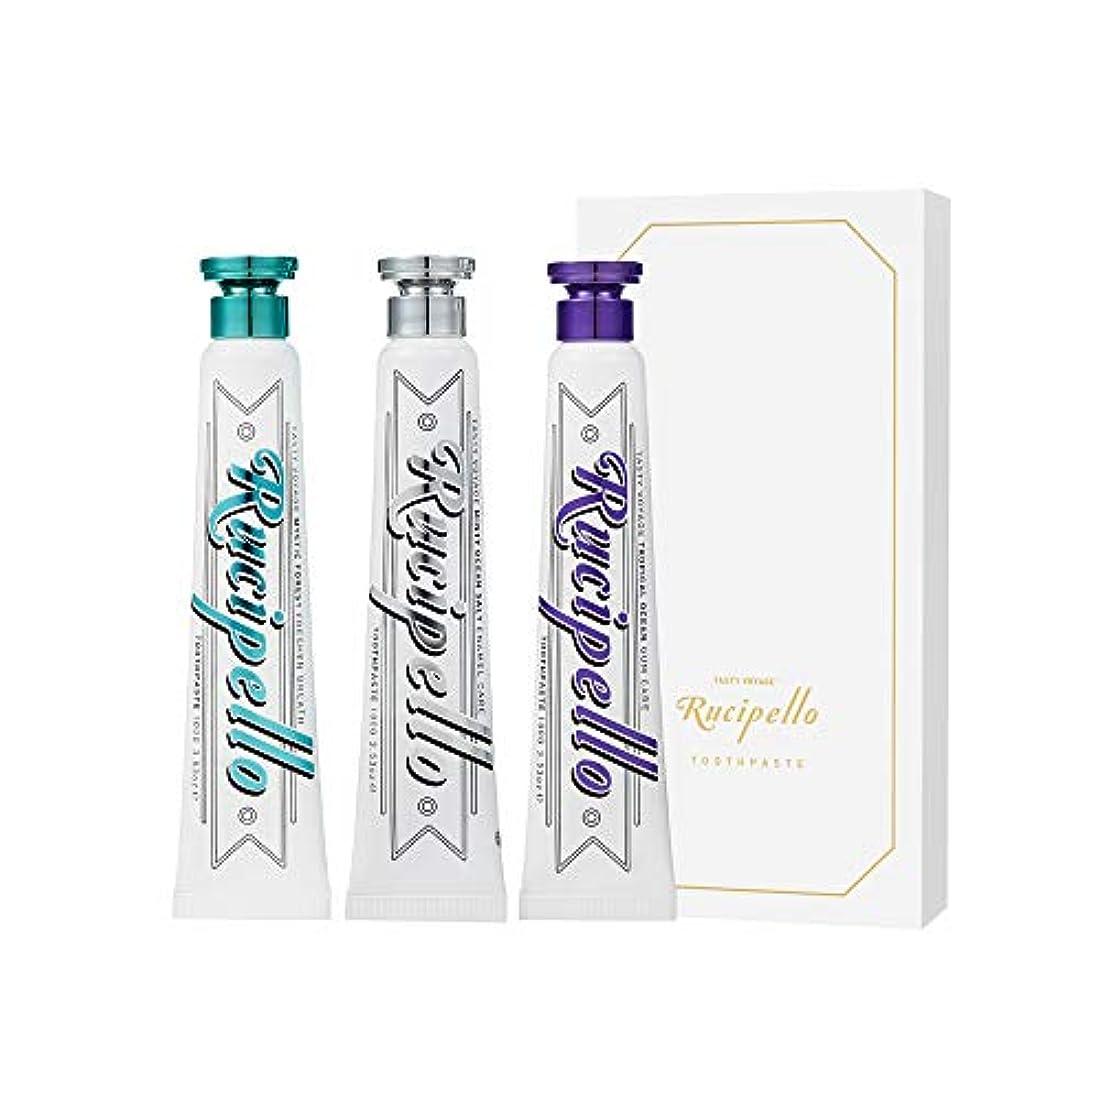 意図的告白同化[ルチペッロ] Rucipello 歯磨き粉3種のプレゼントセット 100g x 3 本 (海外直送品)